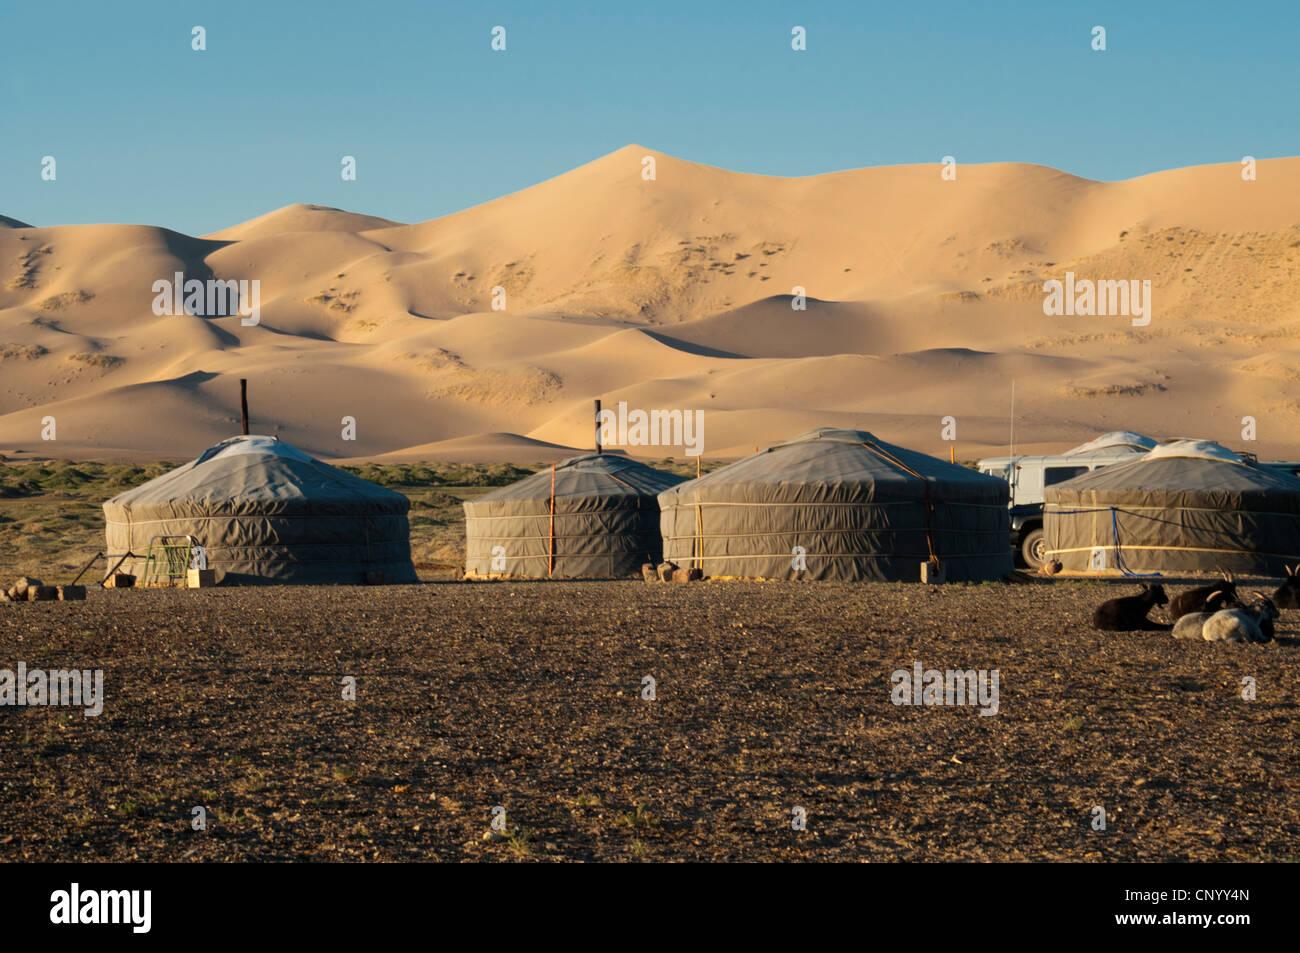 Gers nómadas en las dunas de arena de Khongoryn Els al atardecer en el desierto de Gobi de Mongolia Foto de stock